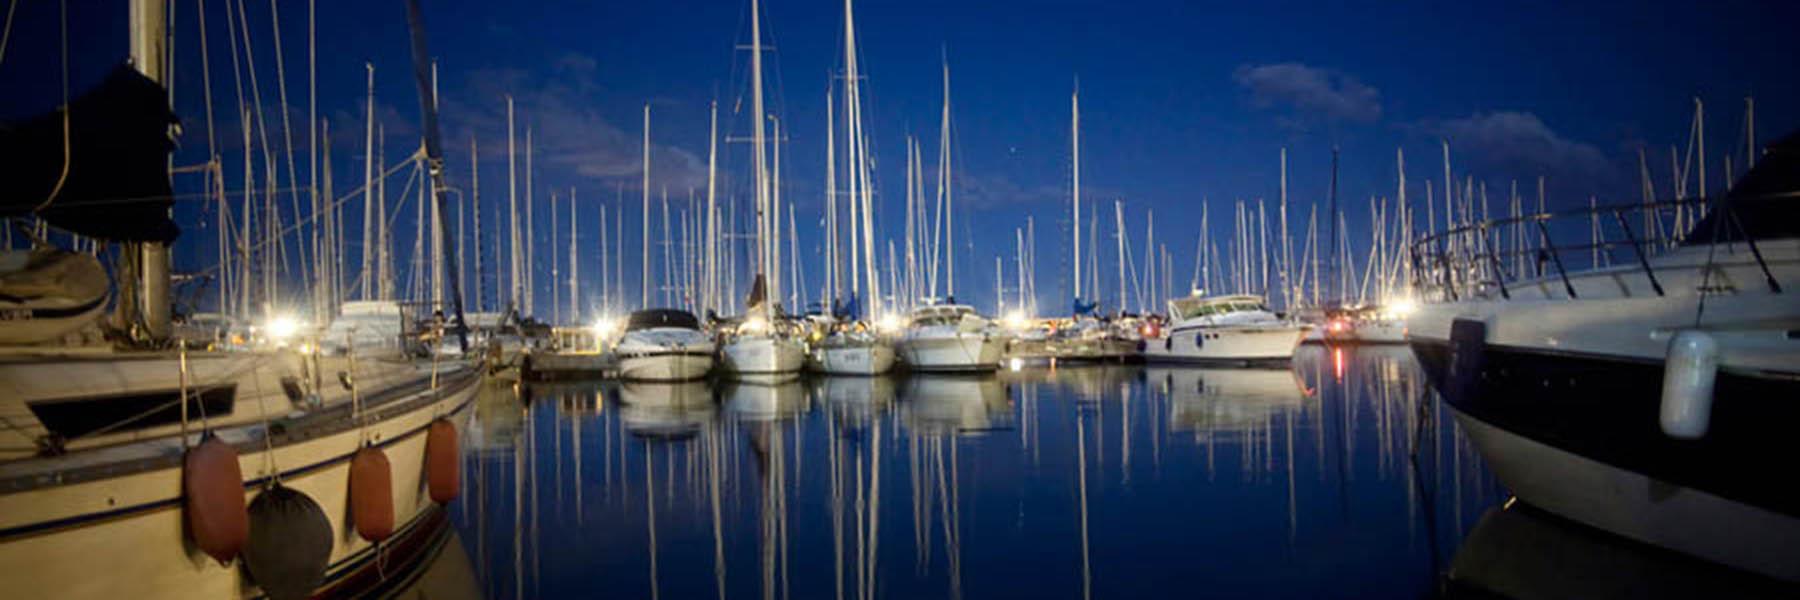 Das Leben ist schön: ein Abendspaziergang am Hafen